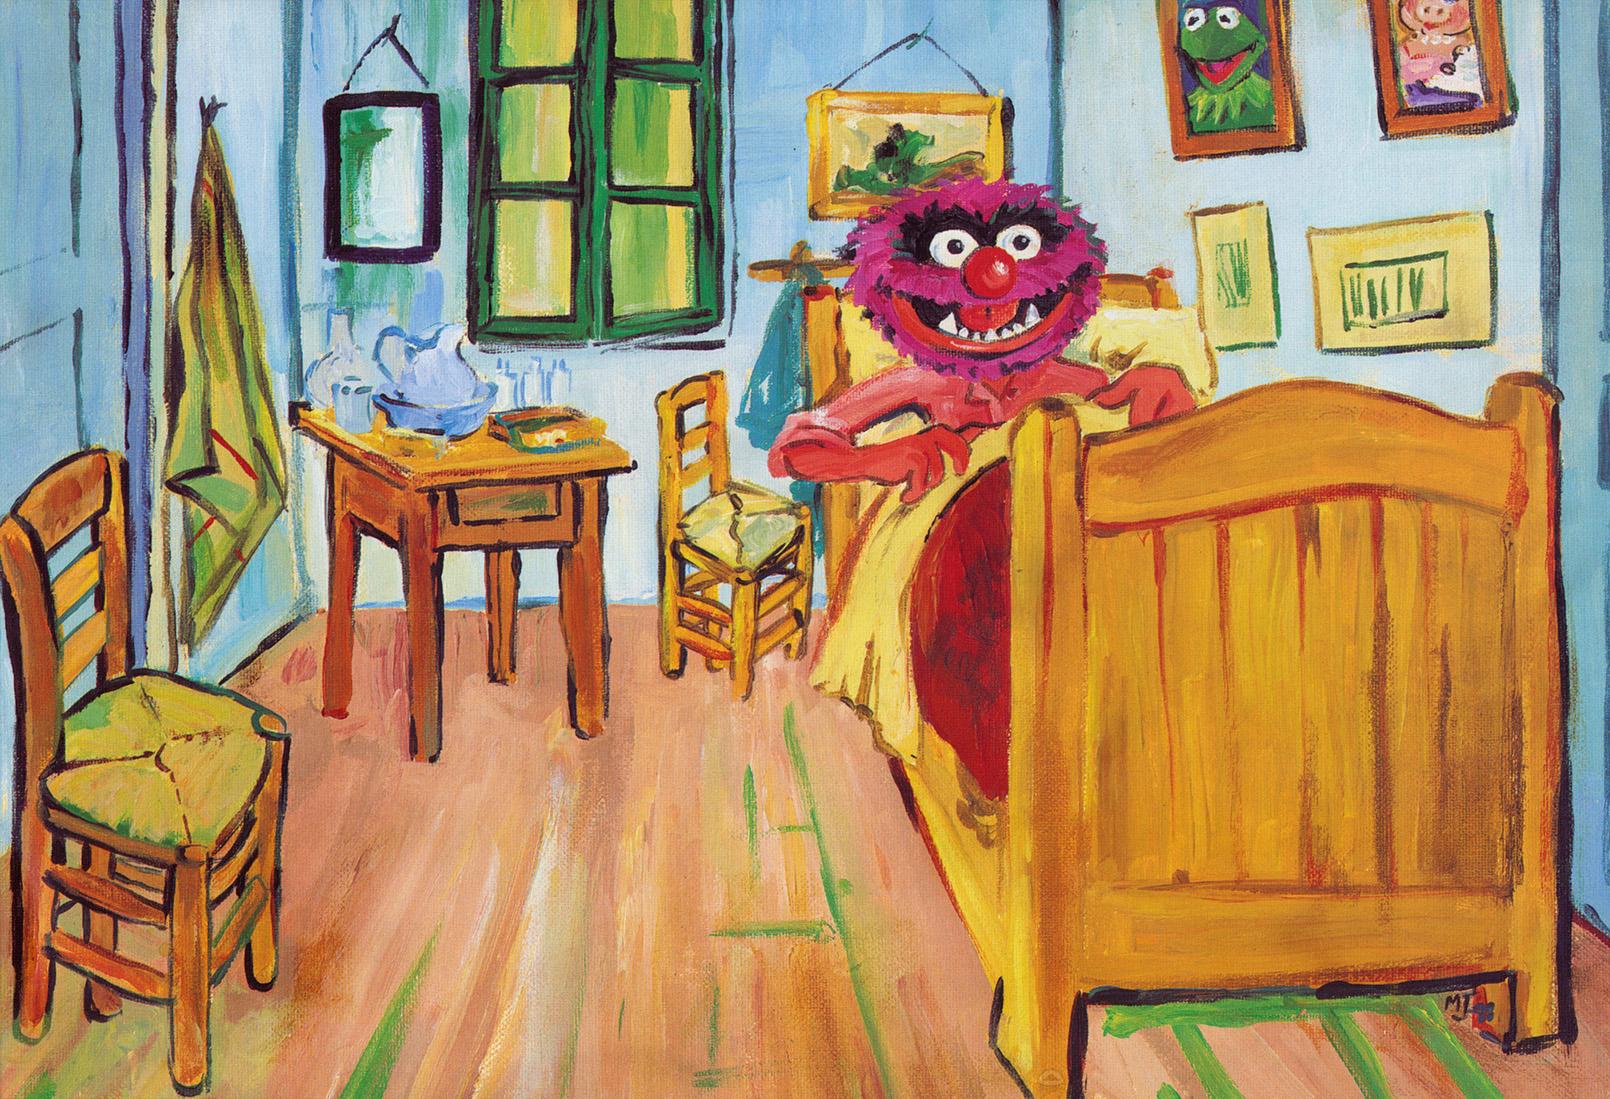 File:Muppetart02vangogh.jpg